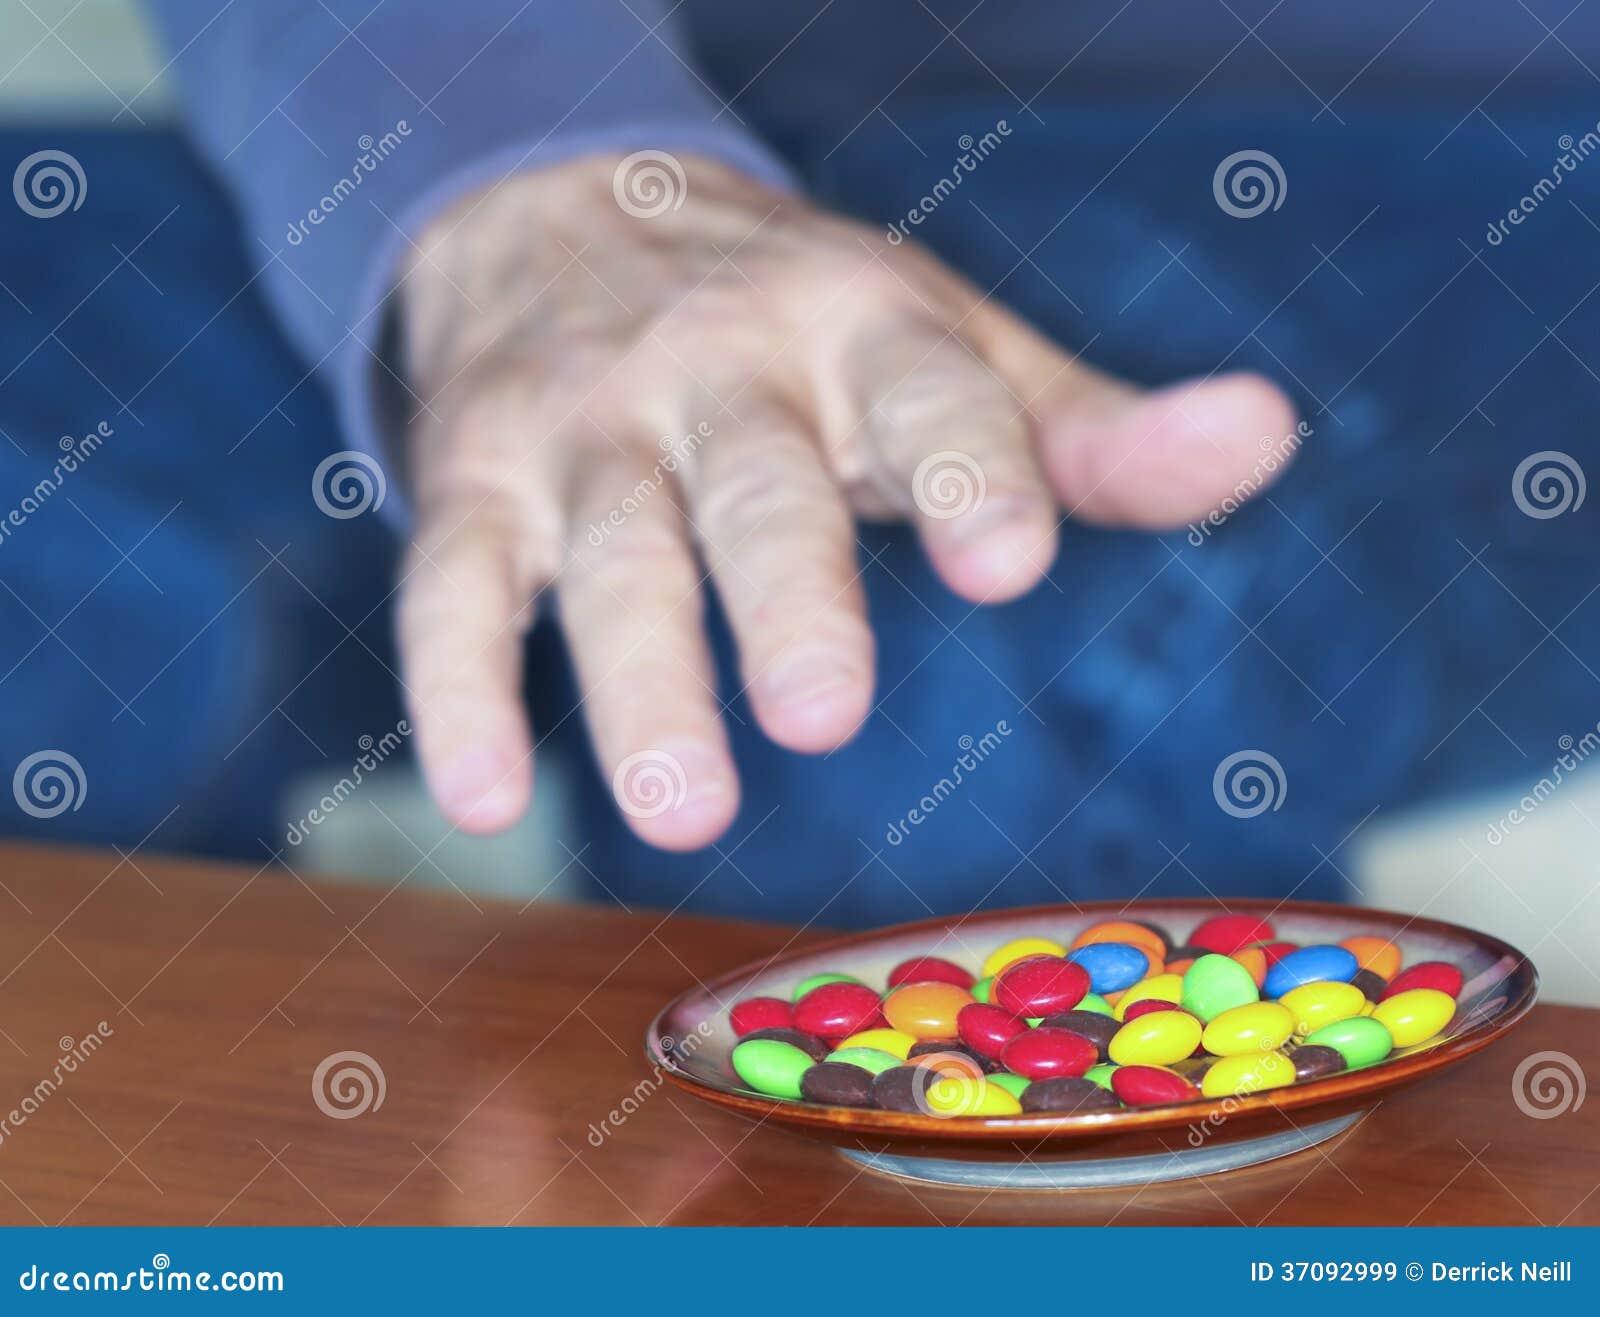 Download Mężczyzna Dosięga Dla Barwionych Cukierków W Naczyniu Obraz Stock - Obraz złożonej z kurenda, okrąg: 37092999